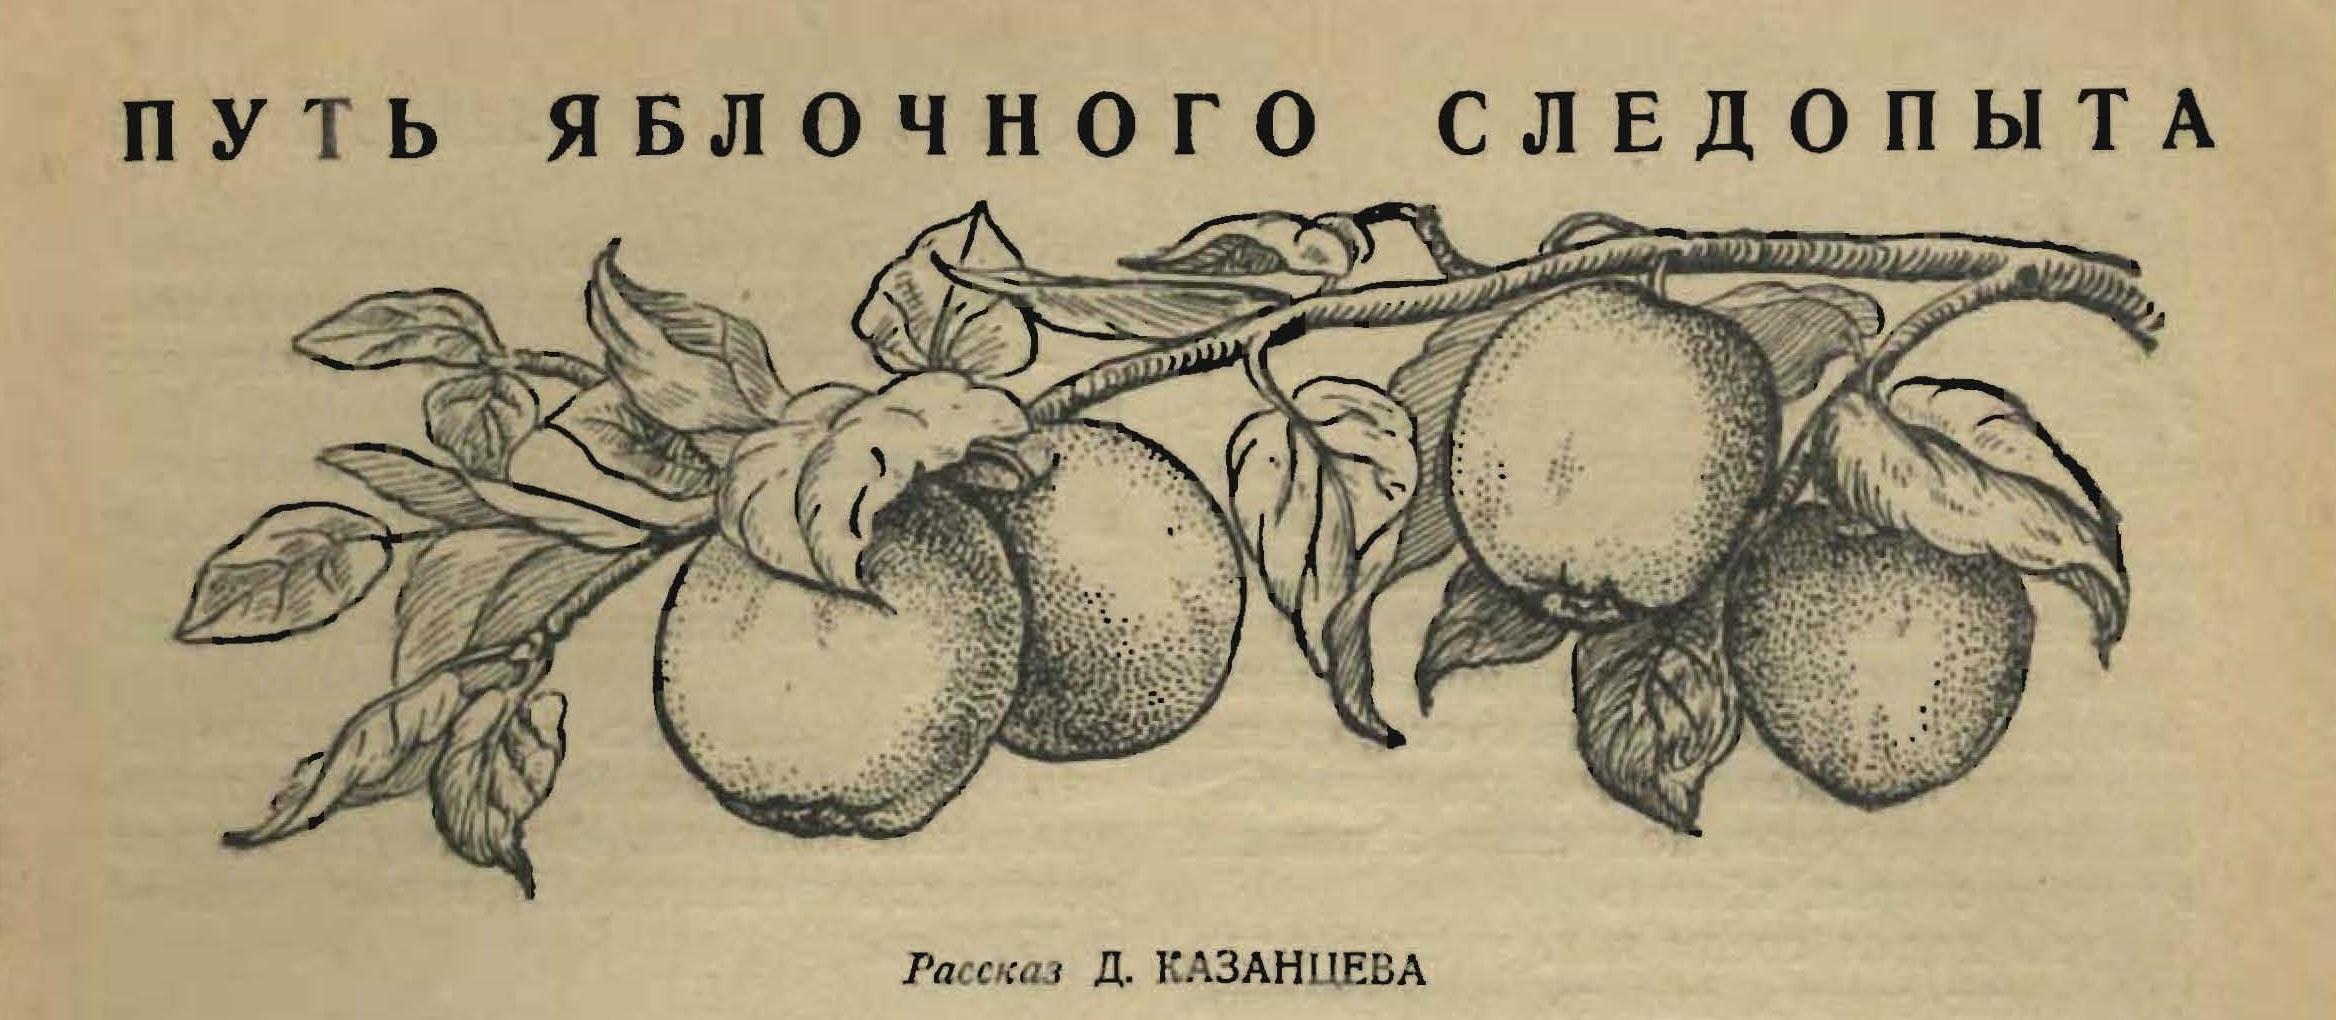 3 путь яблочного следопыта 3